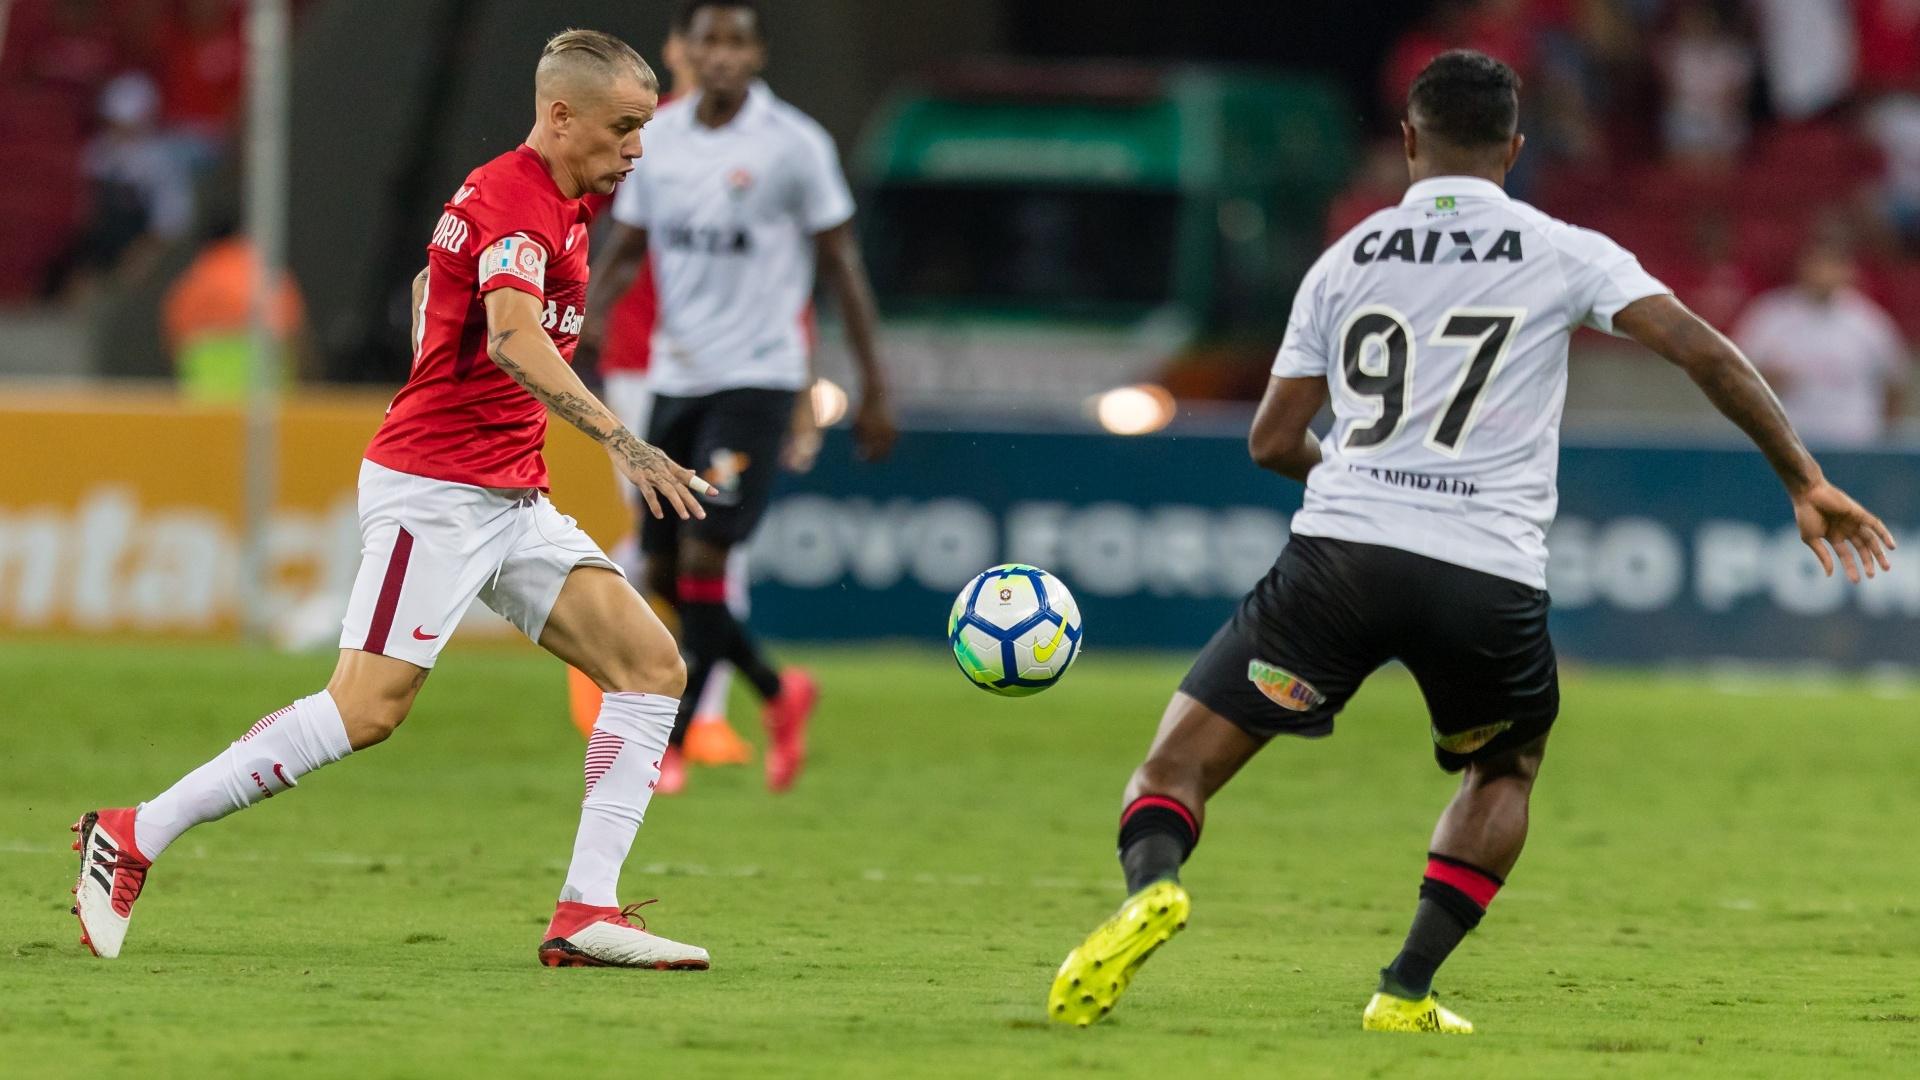 D'Alessandro passa pela marcação de Rodrigo Andrade no jogo entre Internacional e Vitória, pela Copa do Brasil